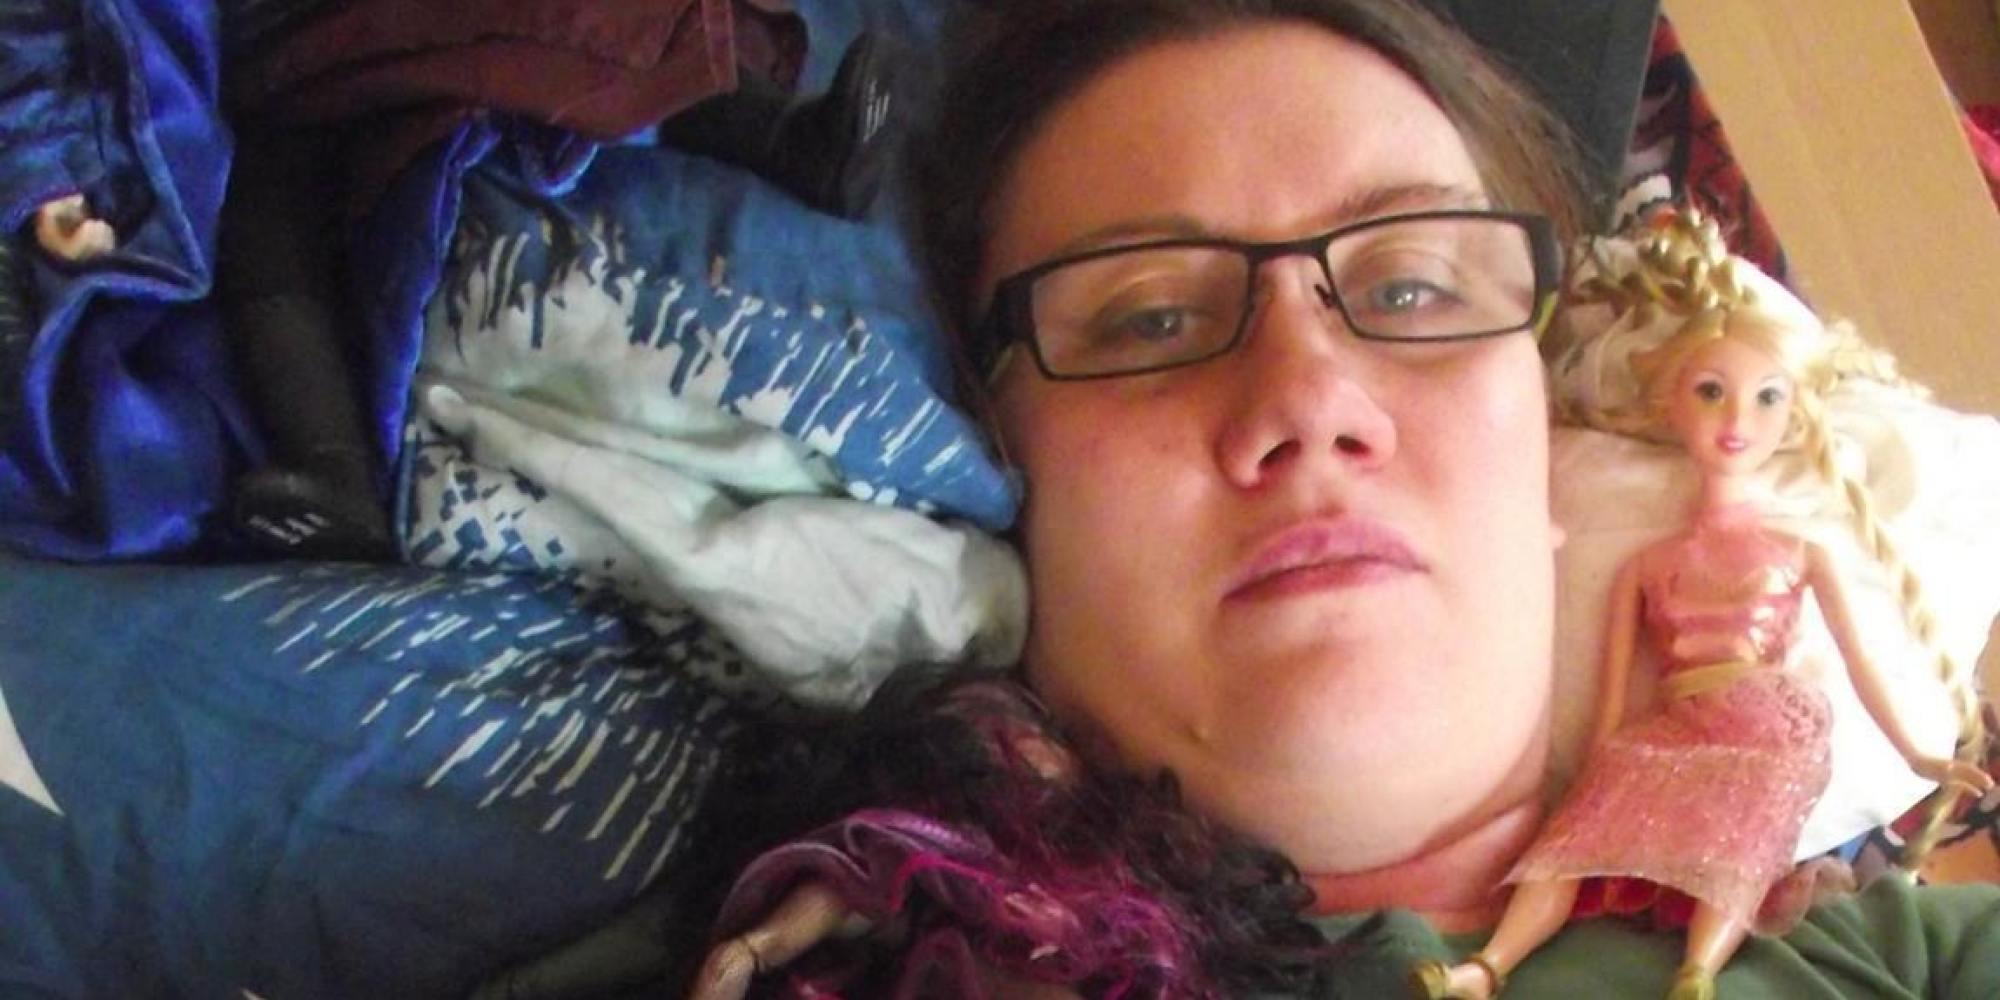 Schwer Verliebt Sarah 32 Axel G Lacht Vor Gericht